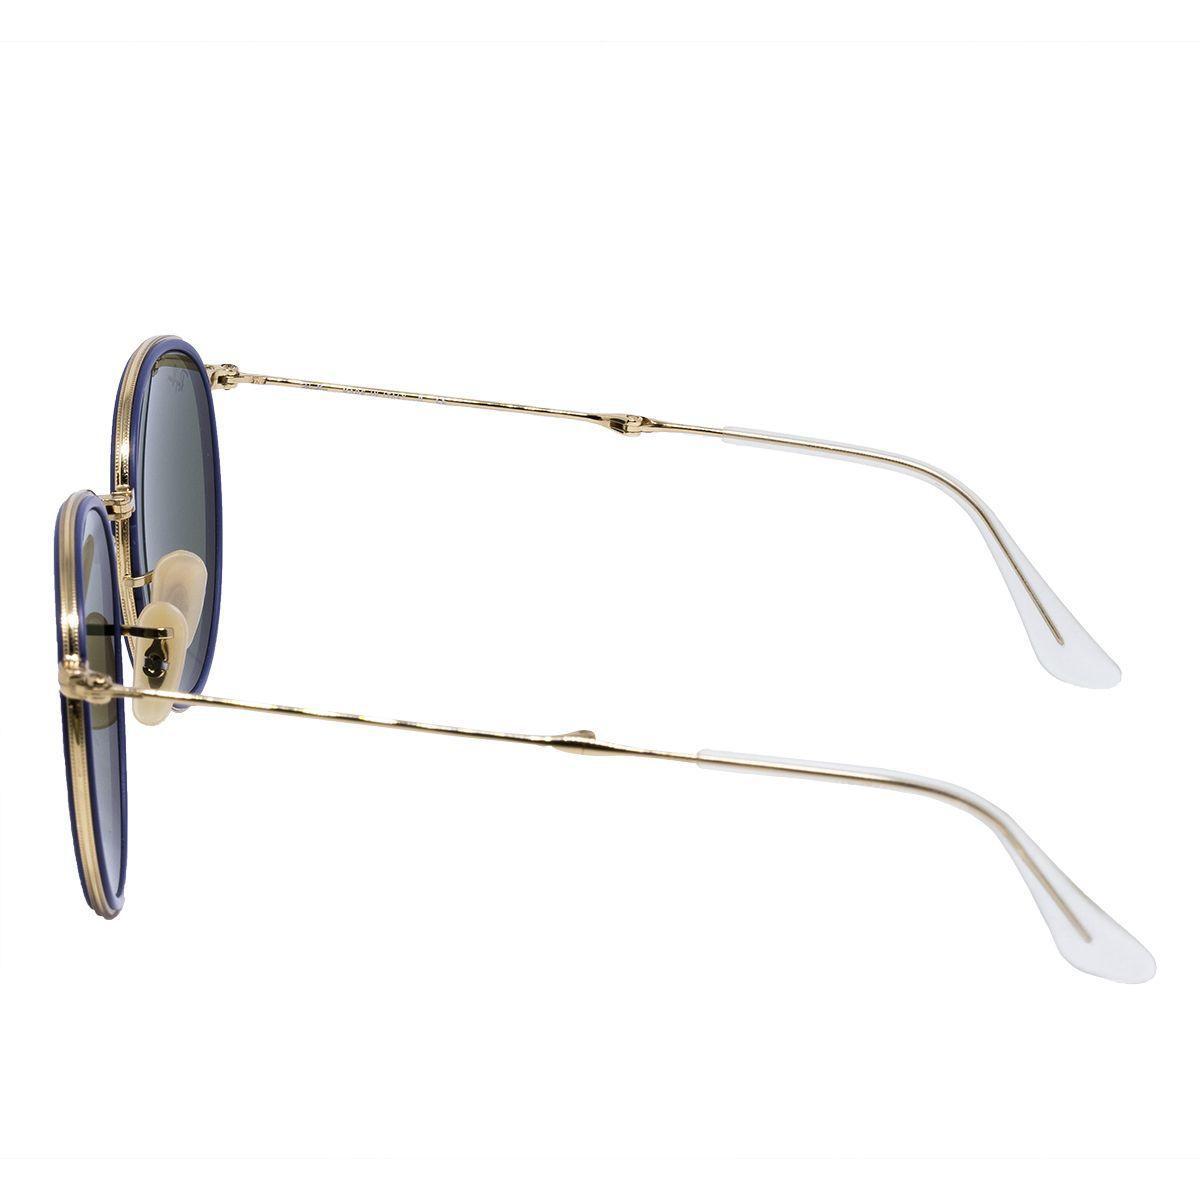 d54e9e6ca Óculos de Sol Ray Ban Round Gold Dobrável RB3517 - Metal Dourado ...